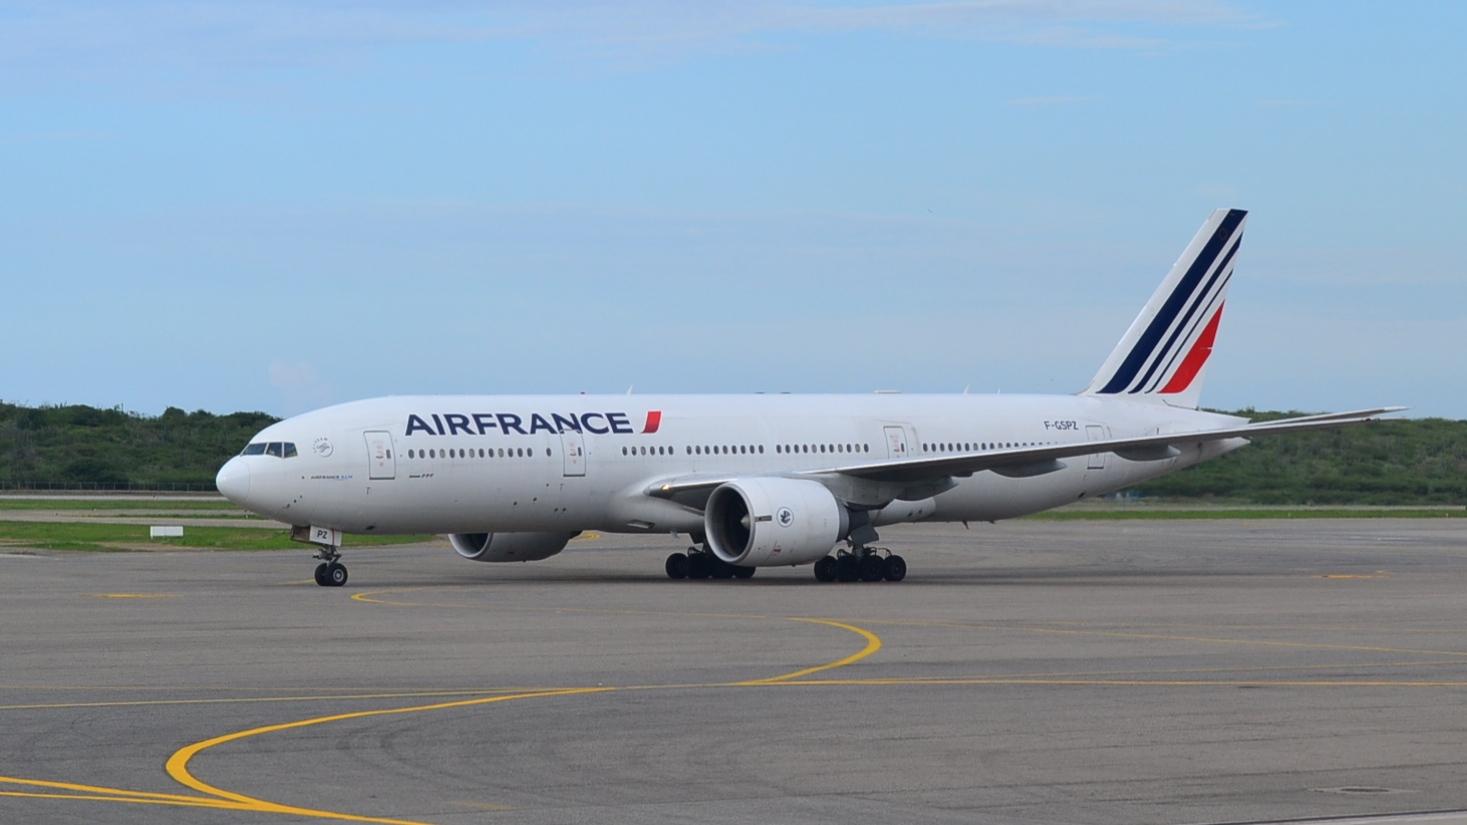 De mercadeo y negocios air france vuela un boeing 777 en for Interieur 777 air france